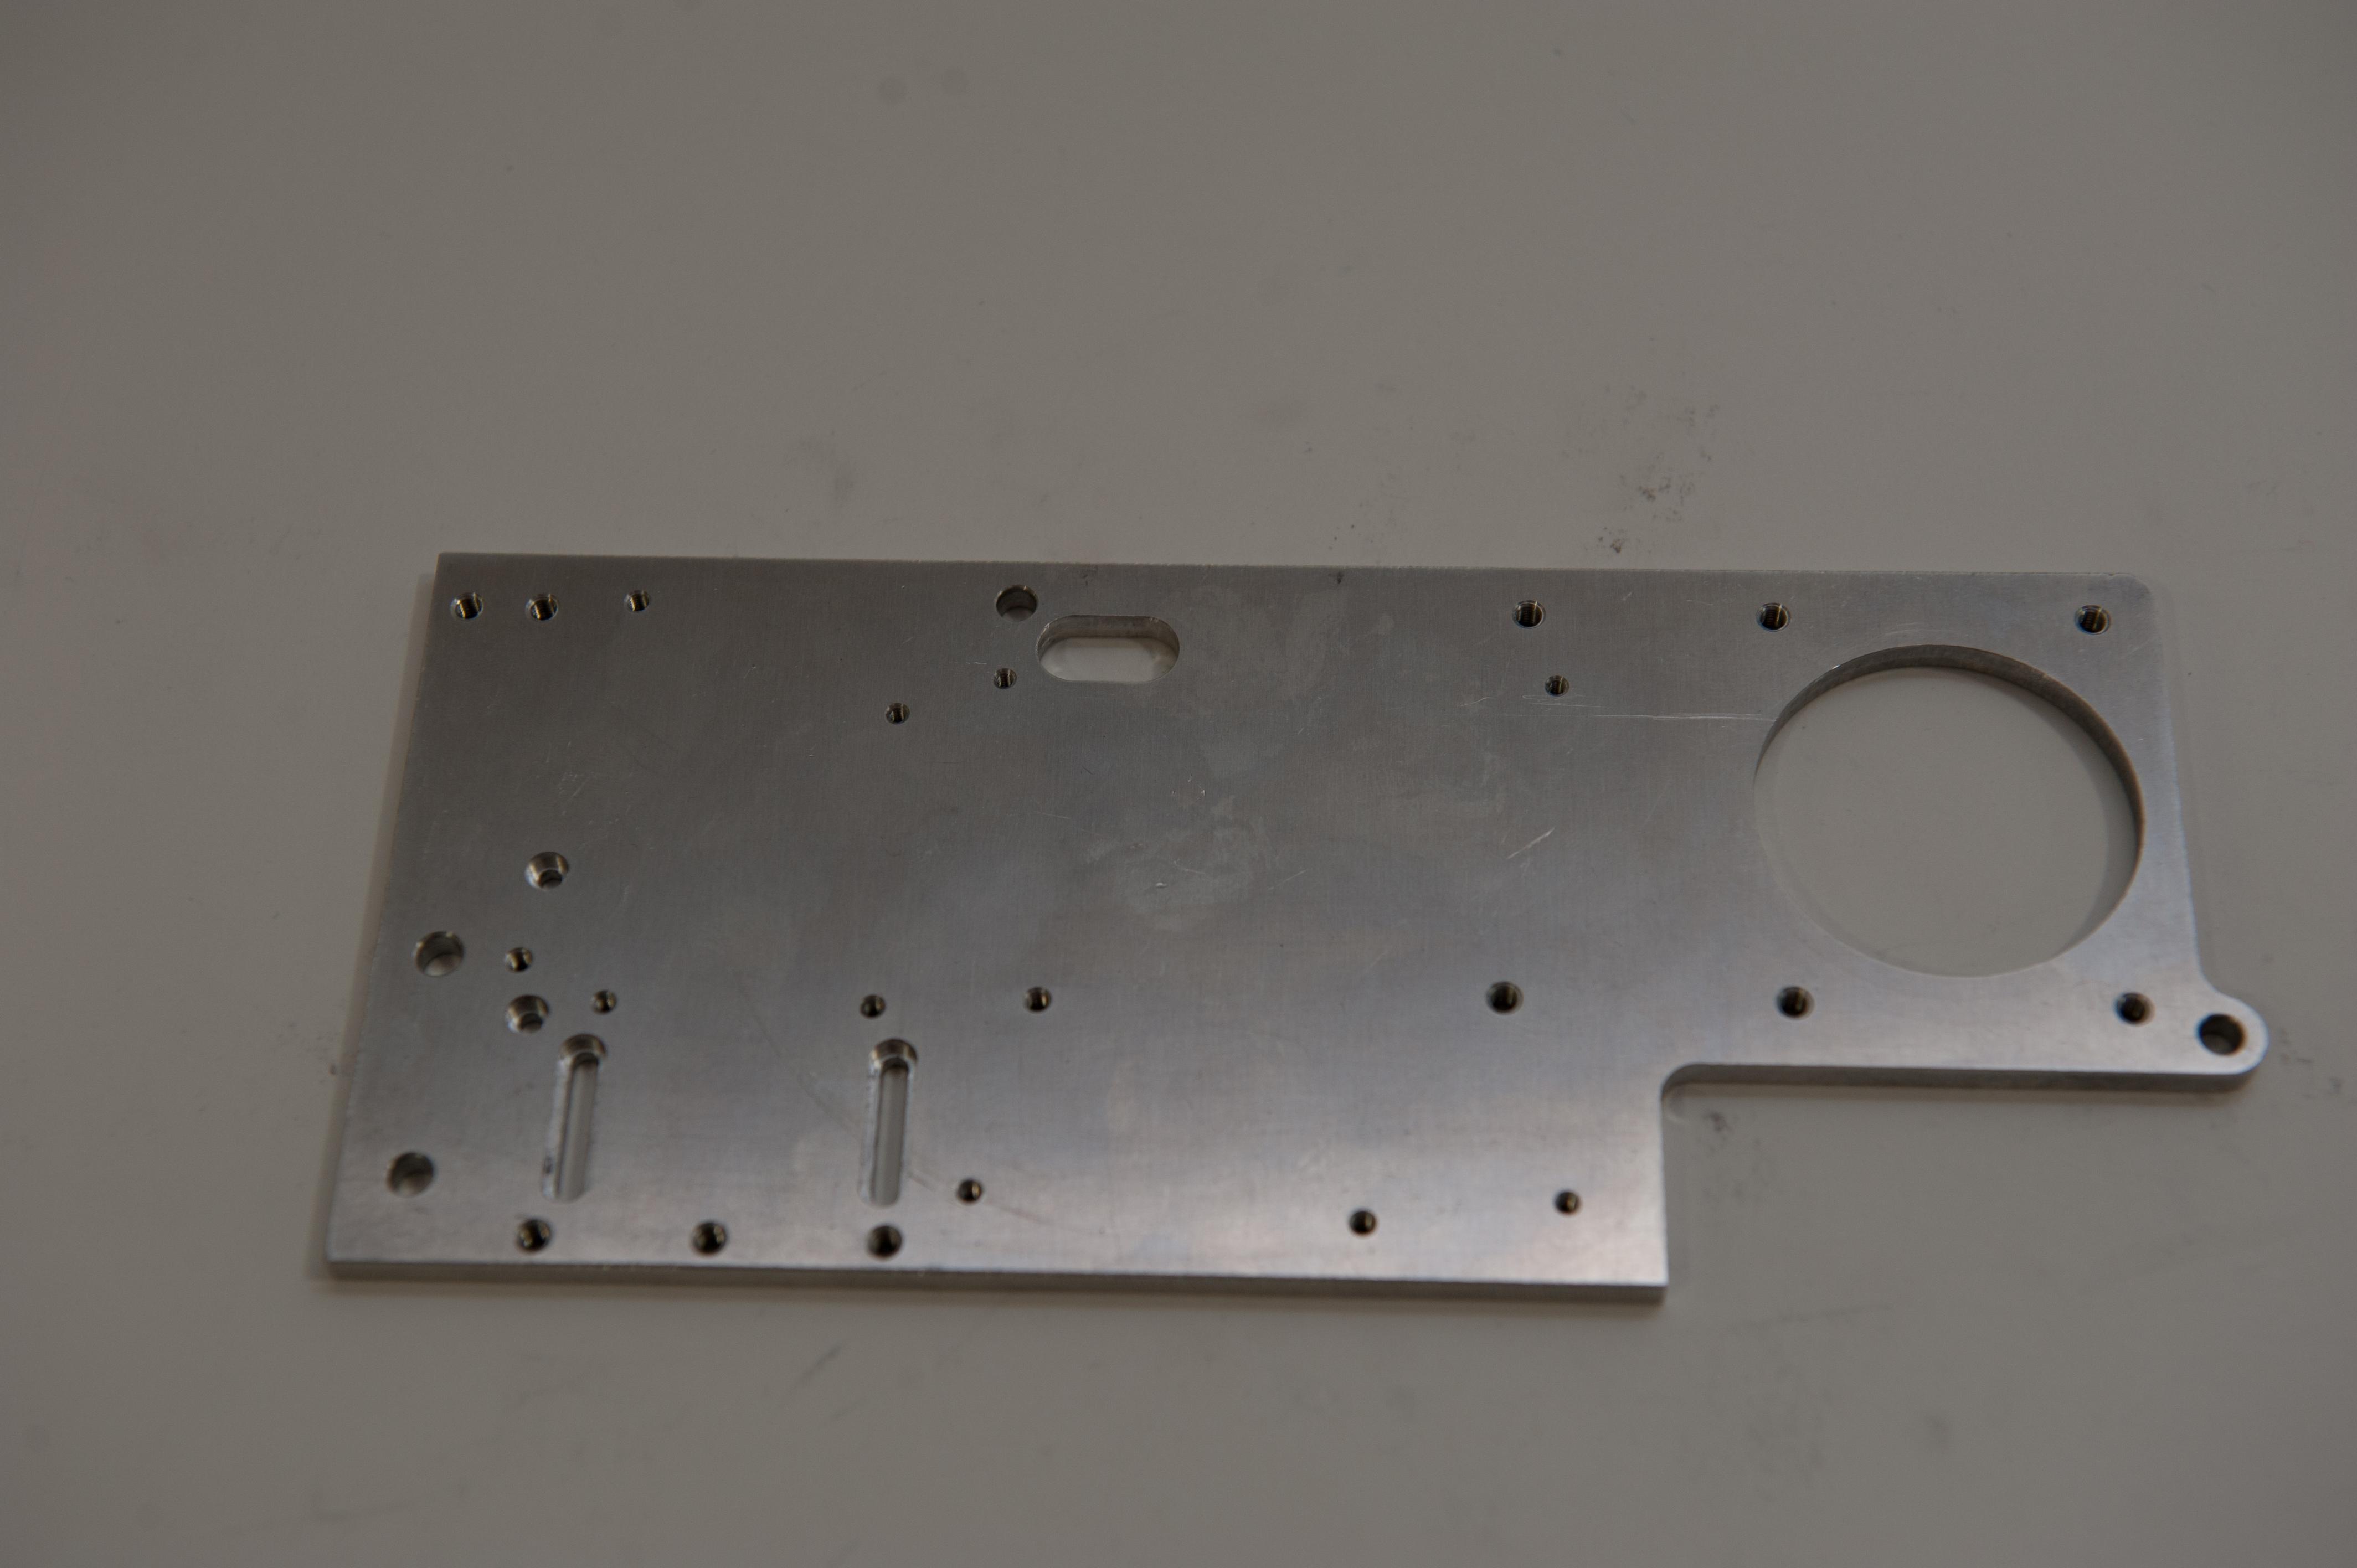 Seikowave backplate electronics